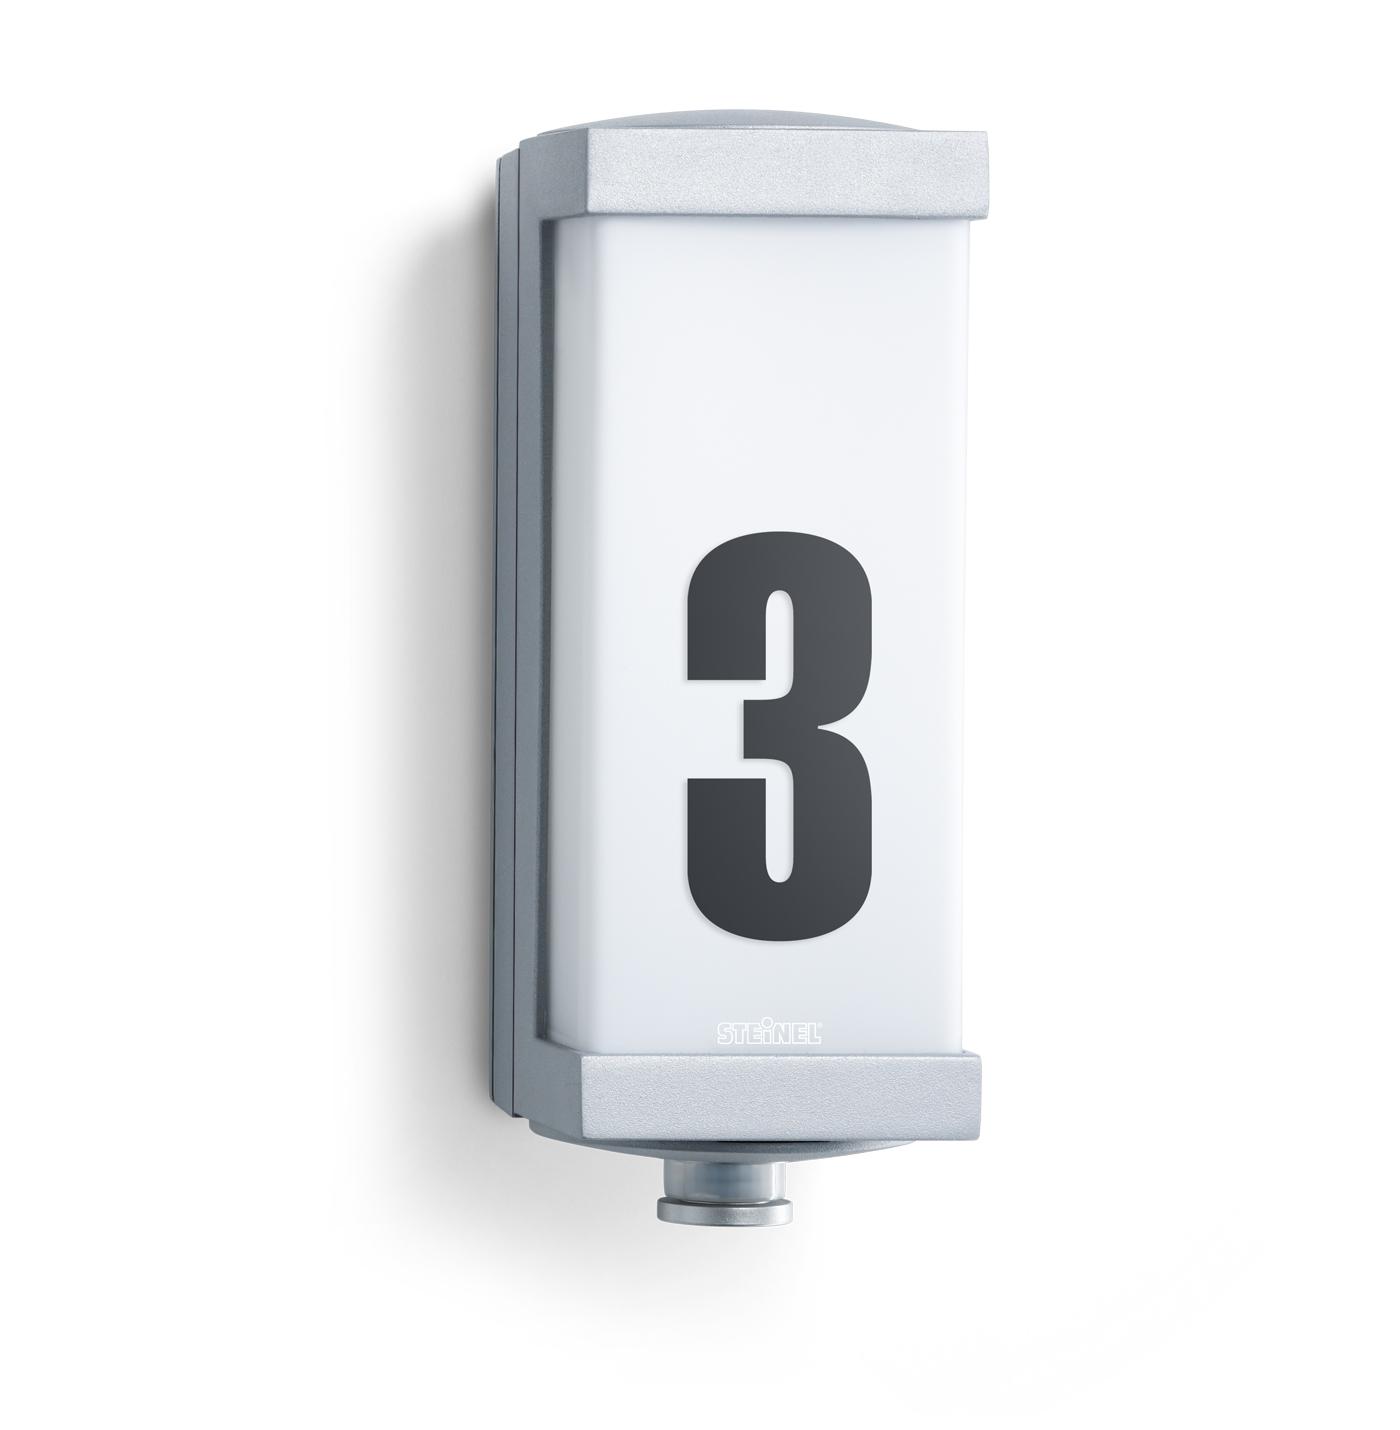 steinel sensor au enleuchte l 666 led 003777 fh. Black Bedroom Furniture Sets. Home Design Ideas